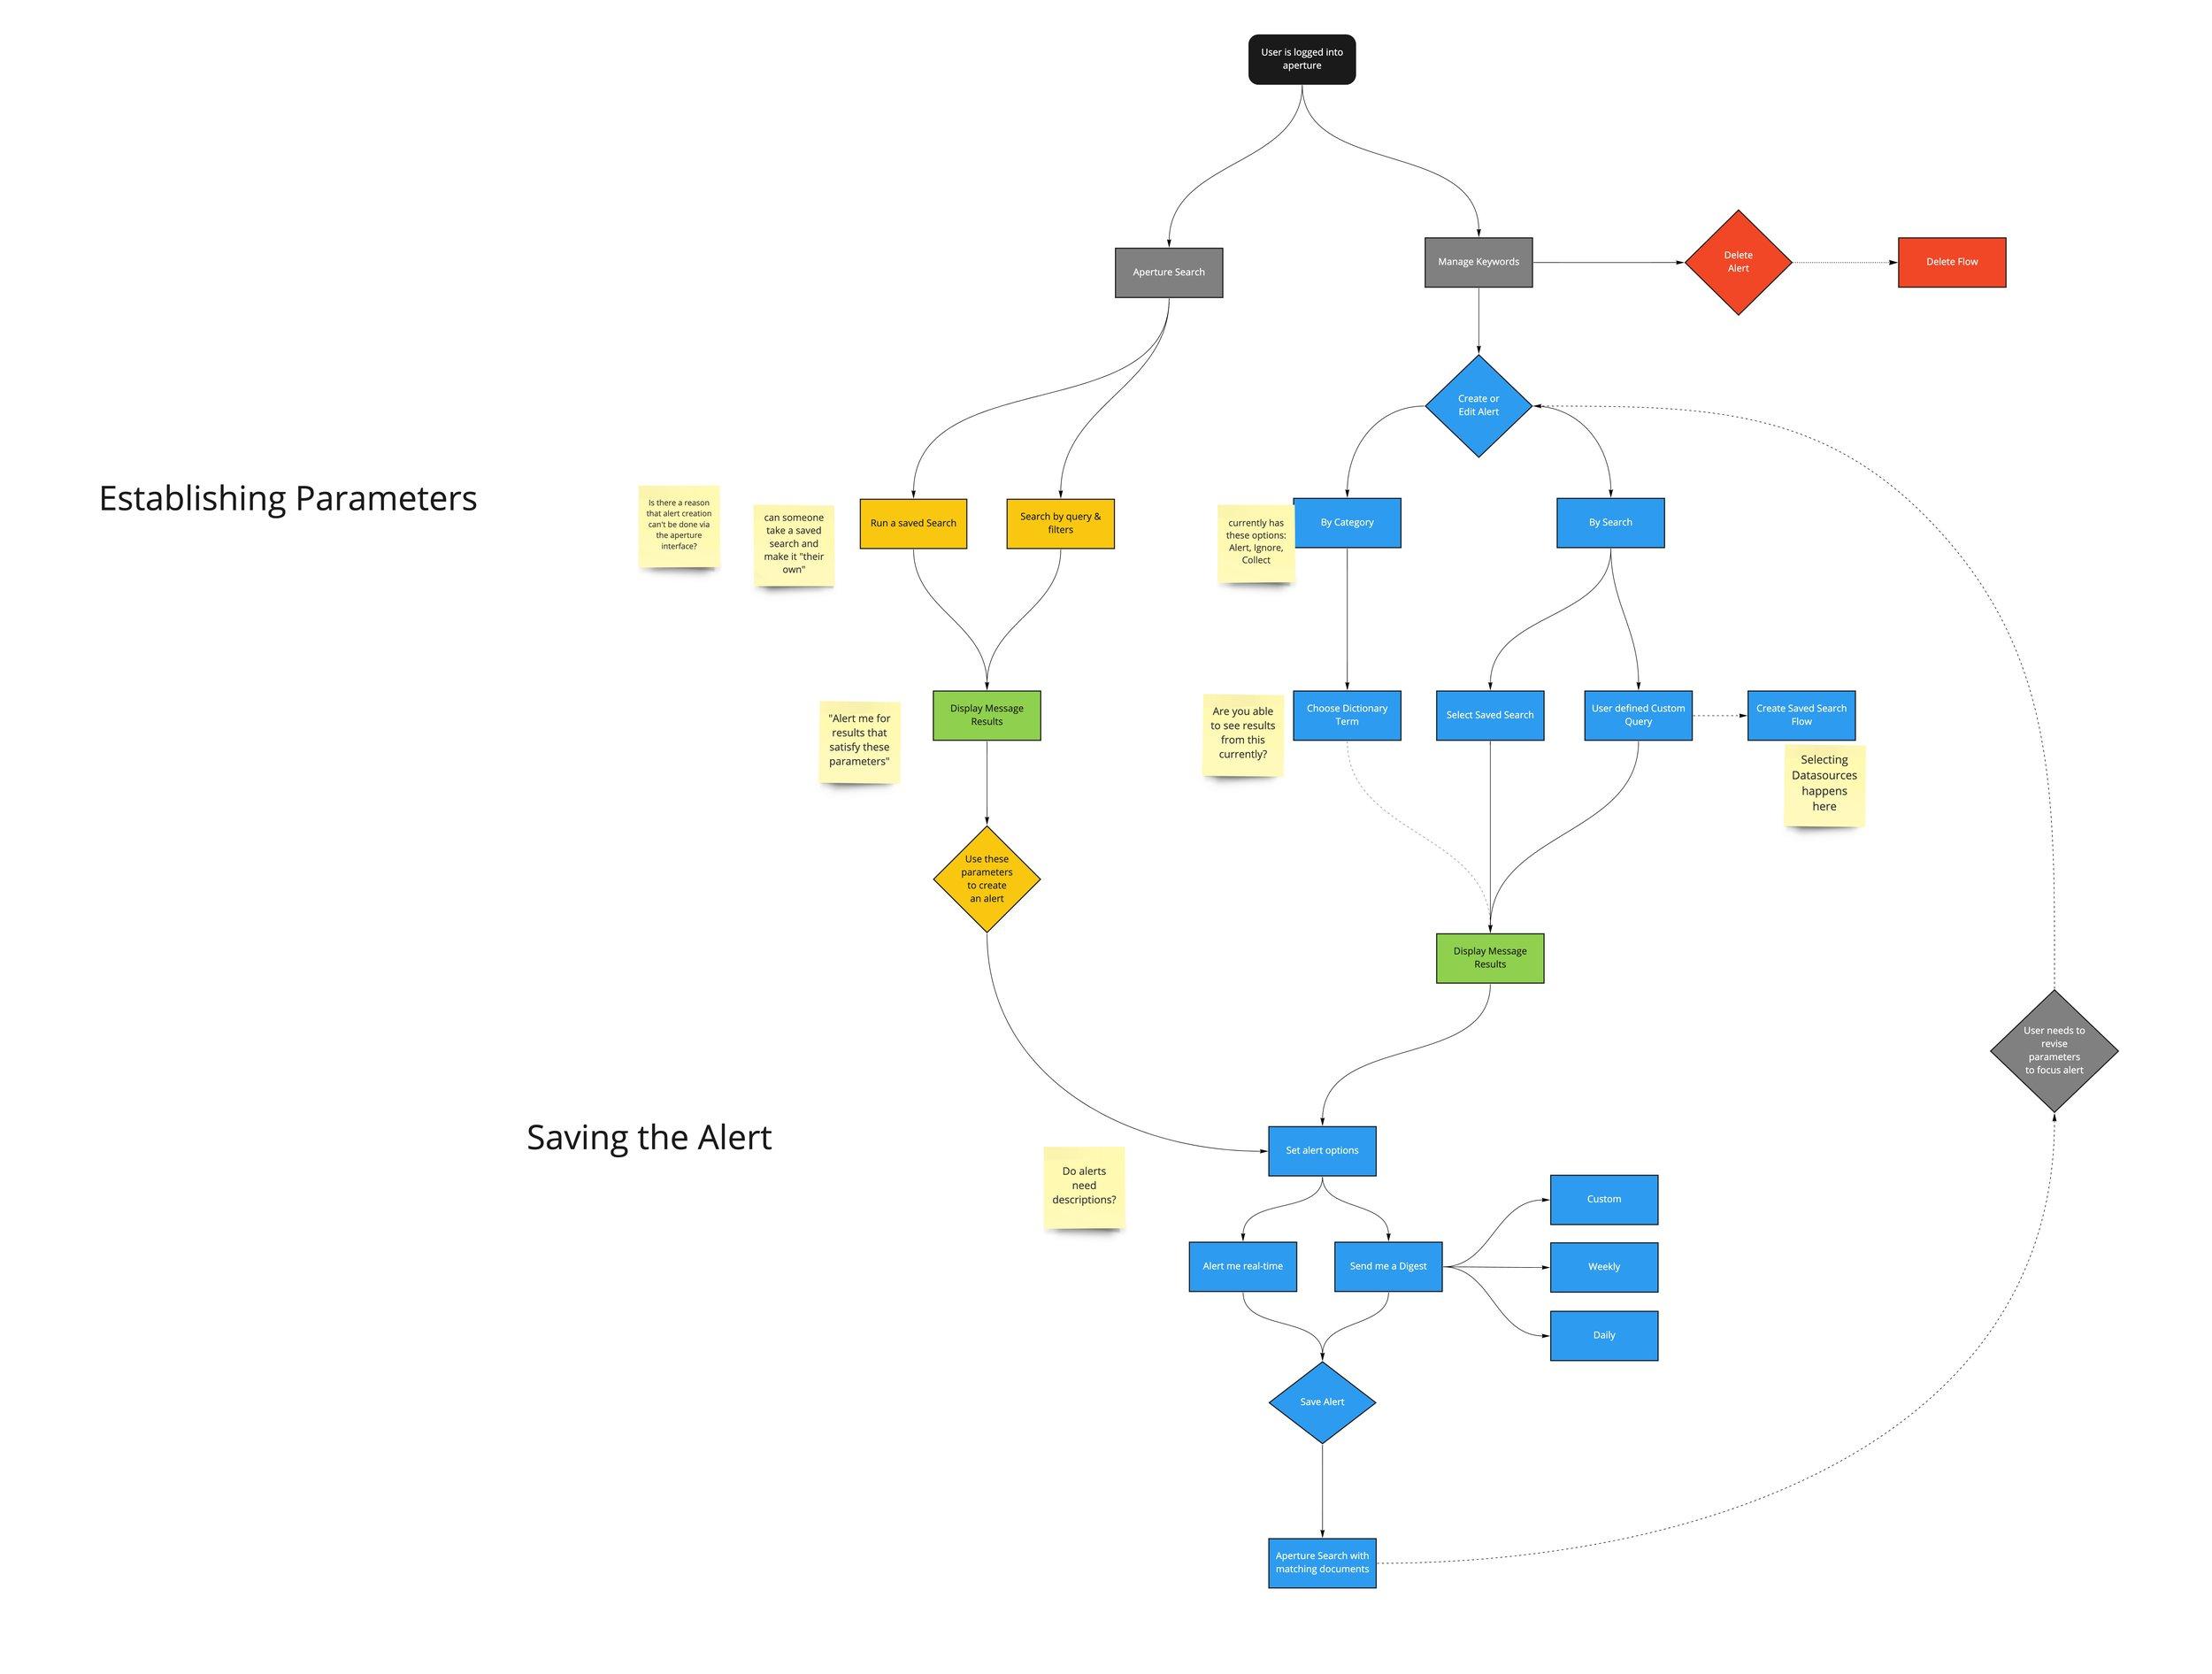 Phase 3 Starts - New frame (1).jpg